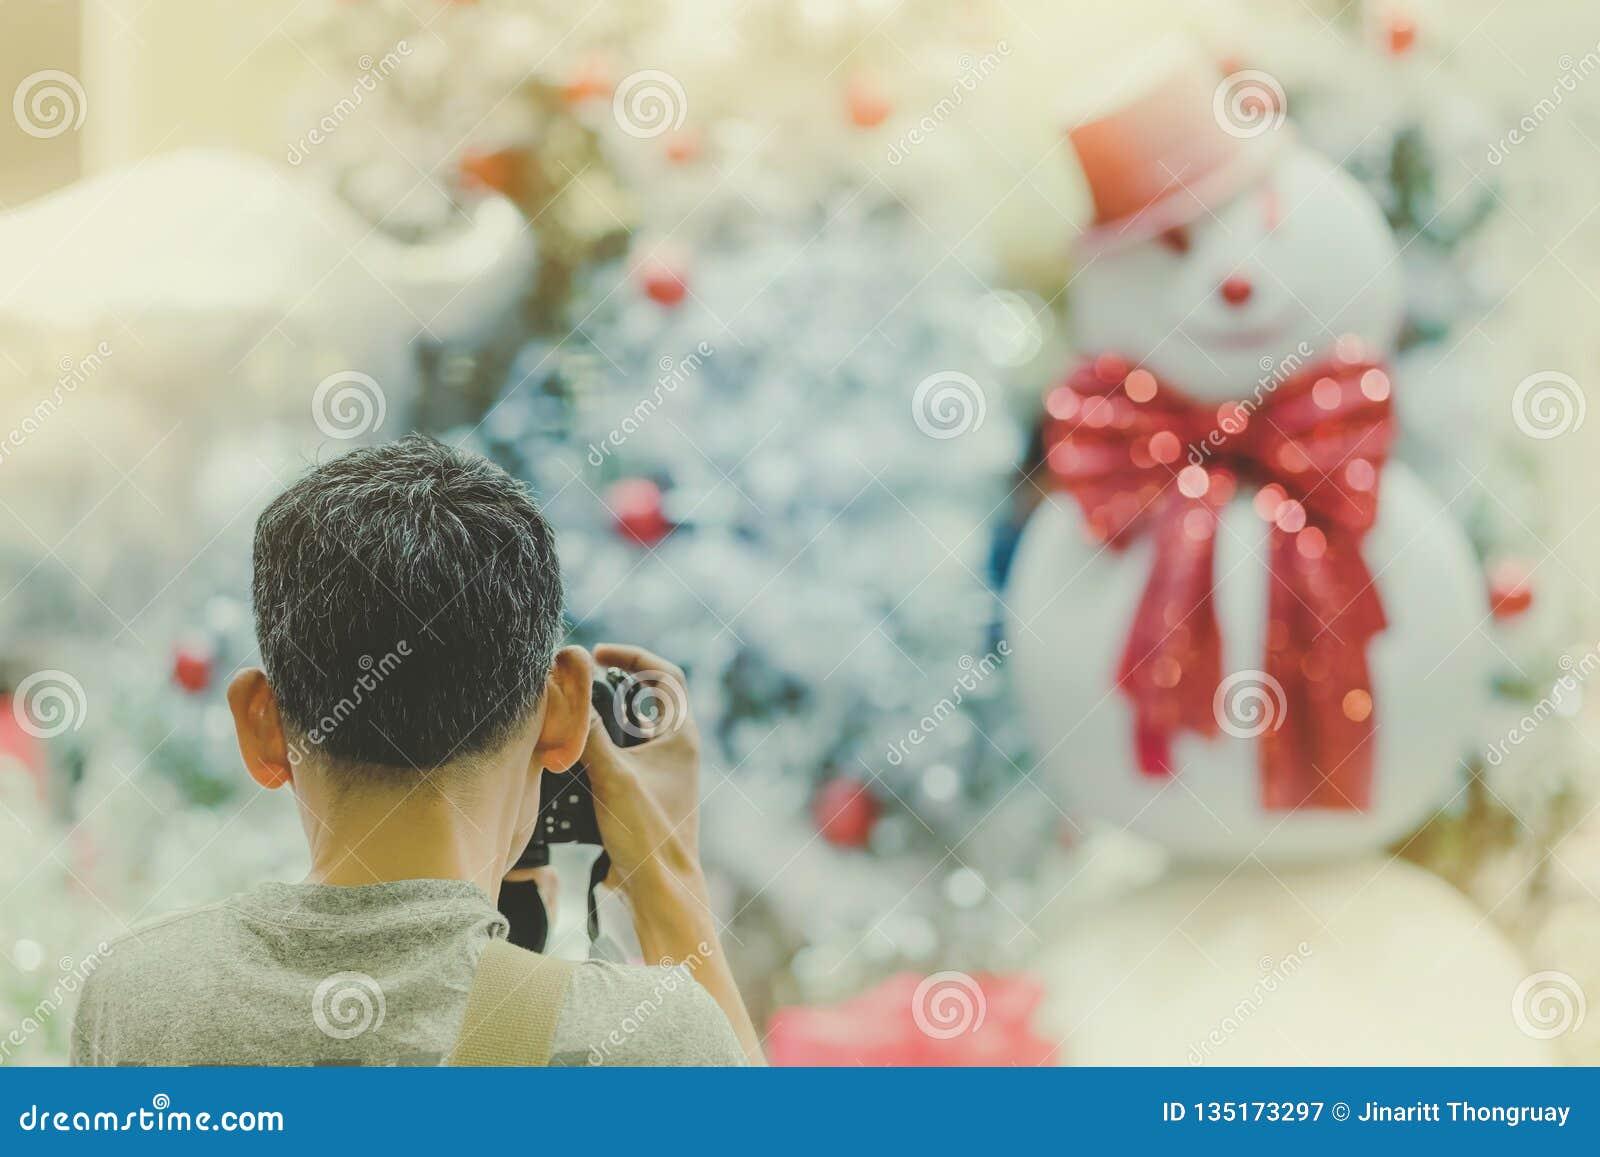 Το άτομο φωτογράφων παίρνει τη φωτογραφία του διακοσμημένου χριστουγεννιάτικου δέντρου και sn